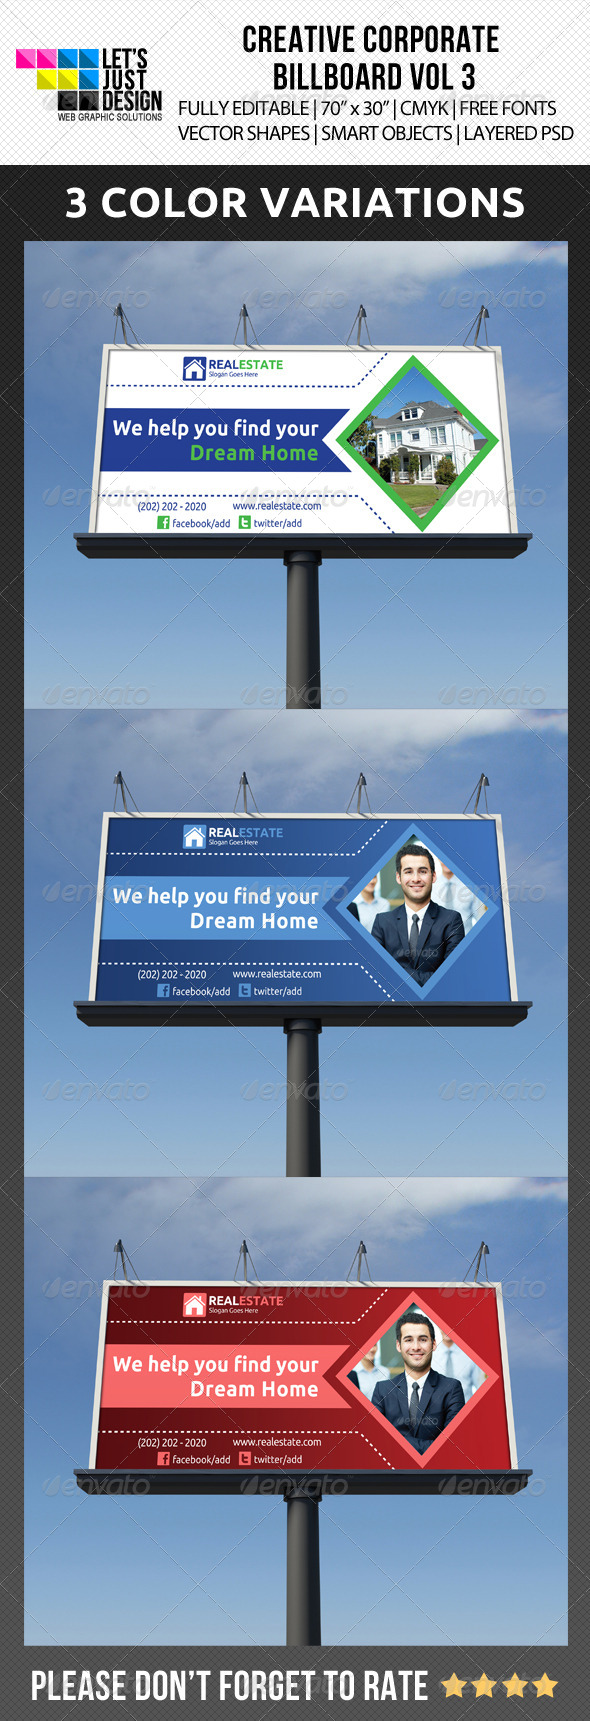 GraphicRiver Creative Corporate Billboard Vol 3 5199519